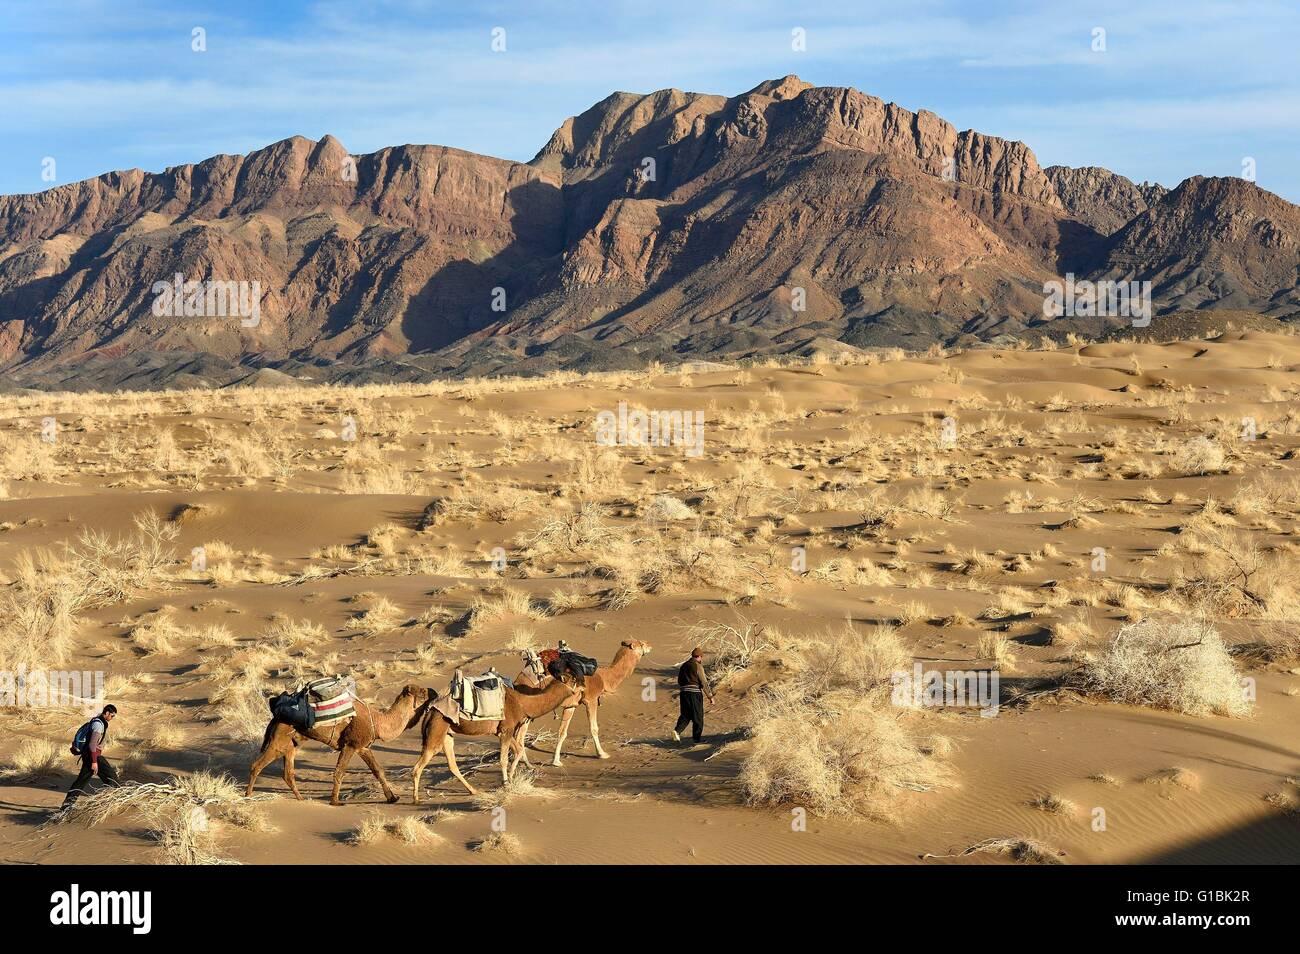 Irán, provincia de Isfahan, Dasht-e Kavir desierto, en Mesr Khur y Biabanak County, tren camello en un camello Imagen De Stock